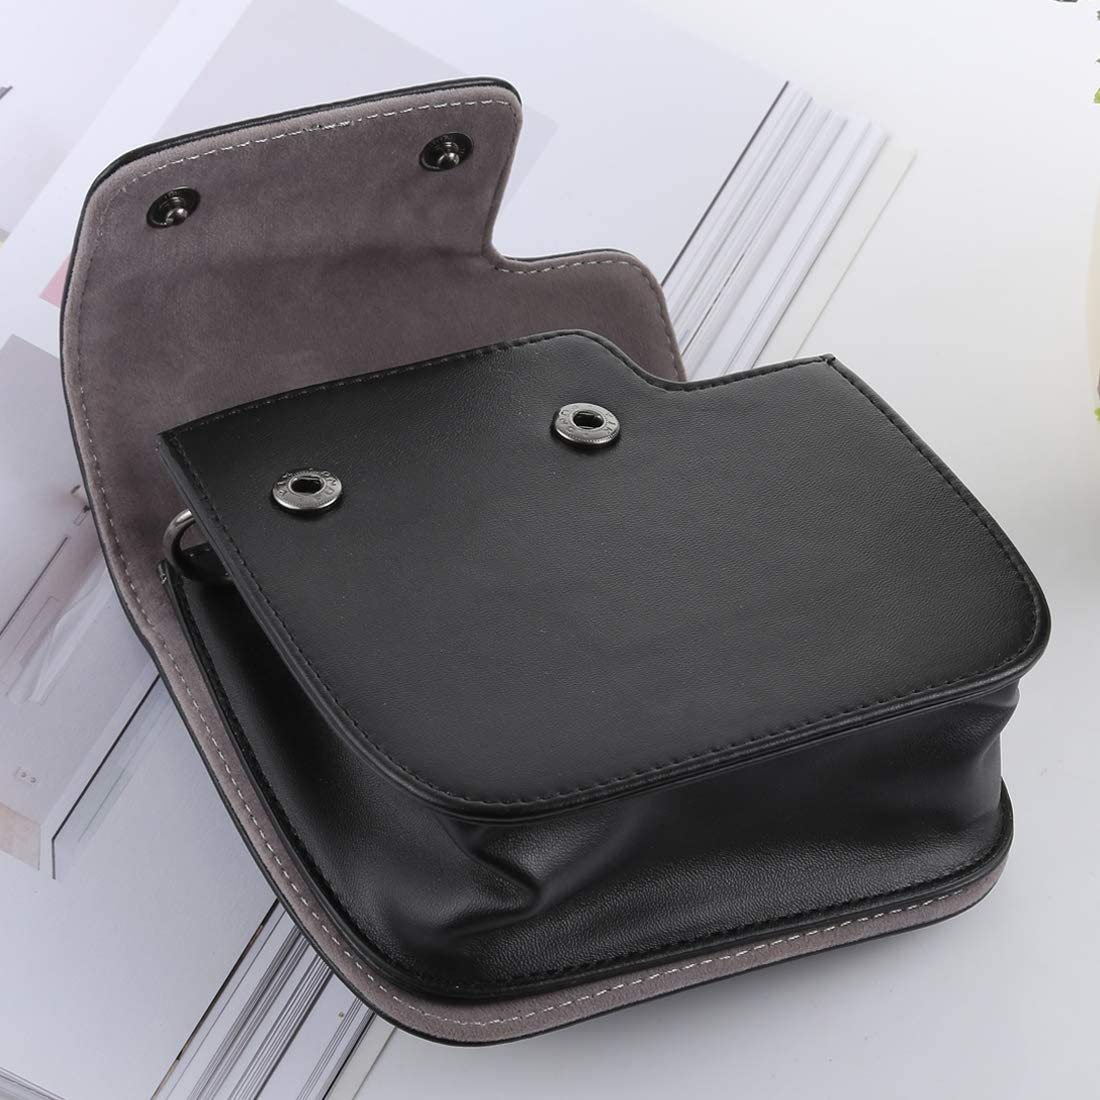 Mini 8+ Black YANTAIANJANE Camera Accessories Retro Style Full Body Camera PU Leather Case Bag with Strap for FUJIFILM instax Mini 9 Mini 8 Color : Brown